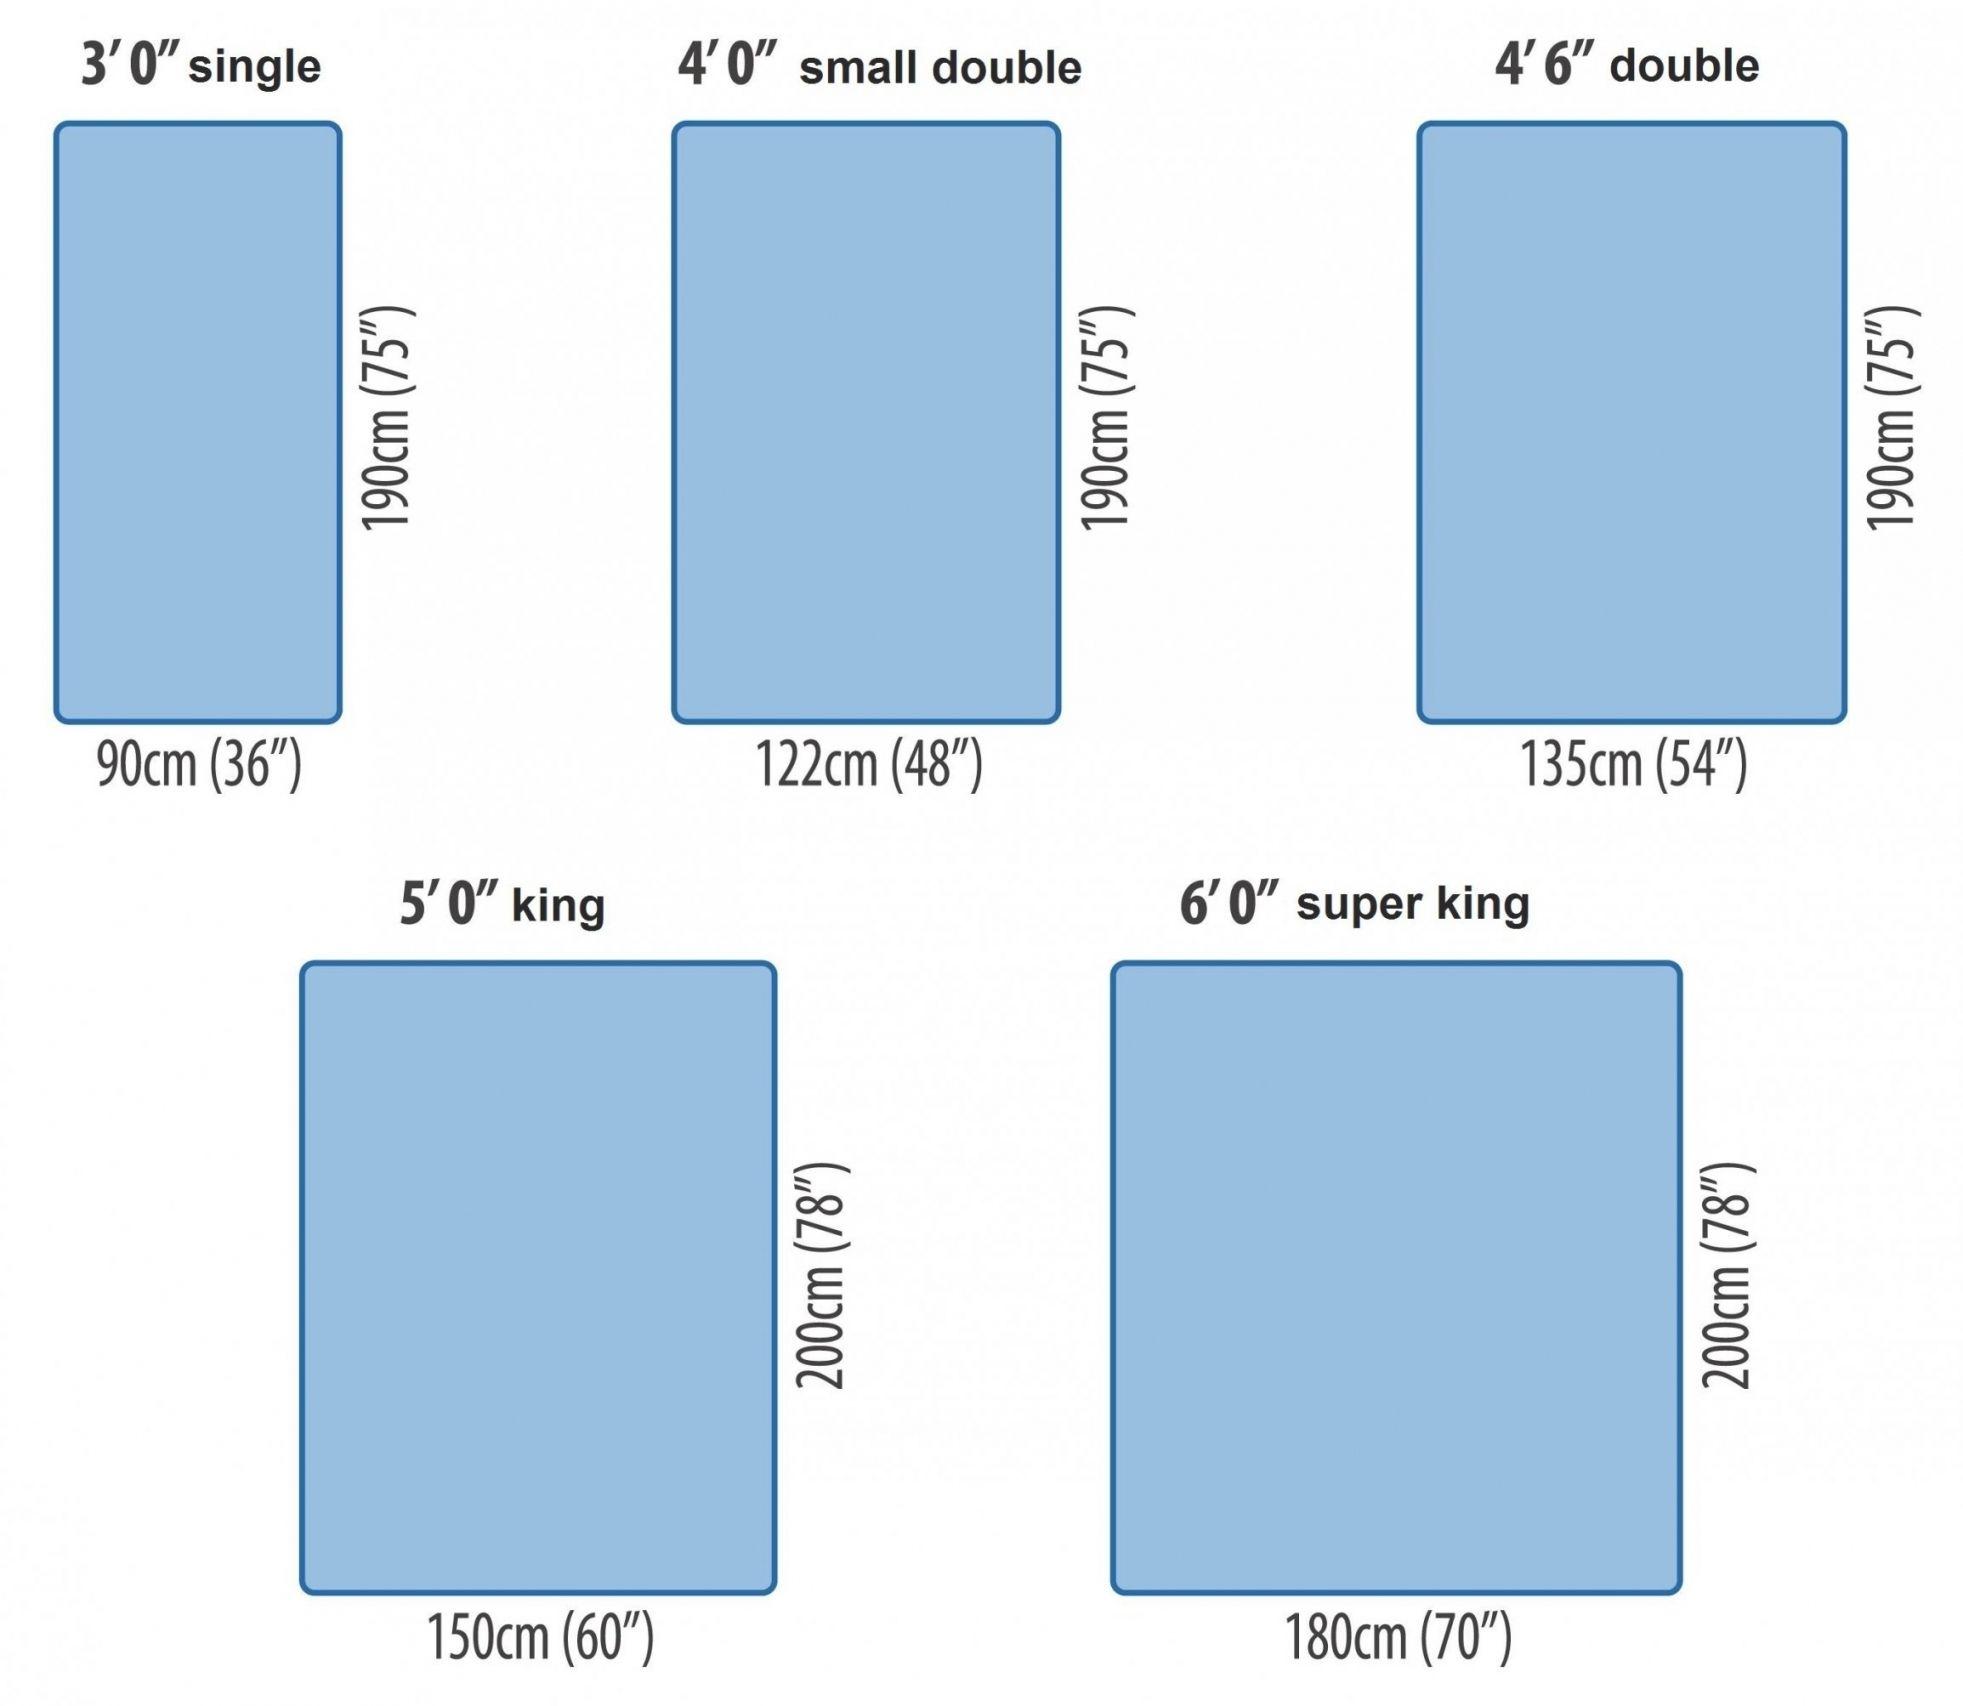 King Single Mattress Width Queen Mattress Size King Size Mattress Dimensions King Size Mattress